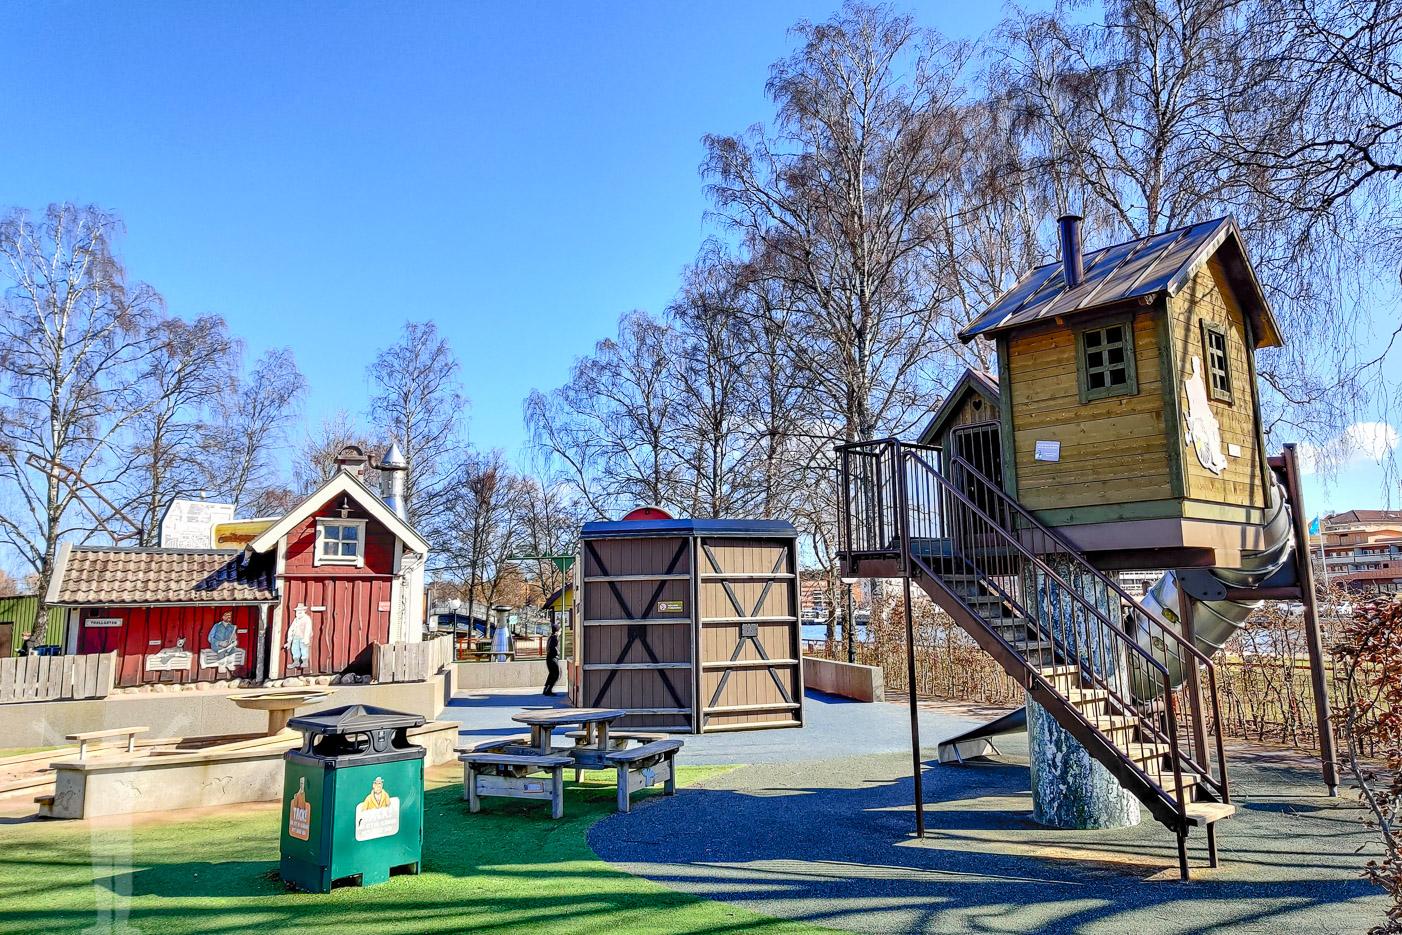 Skrotnisses lekpark på Spikön - en av många sevärdheter i Trollhättan